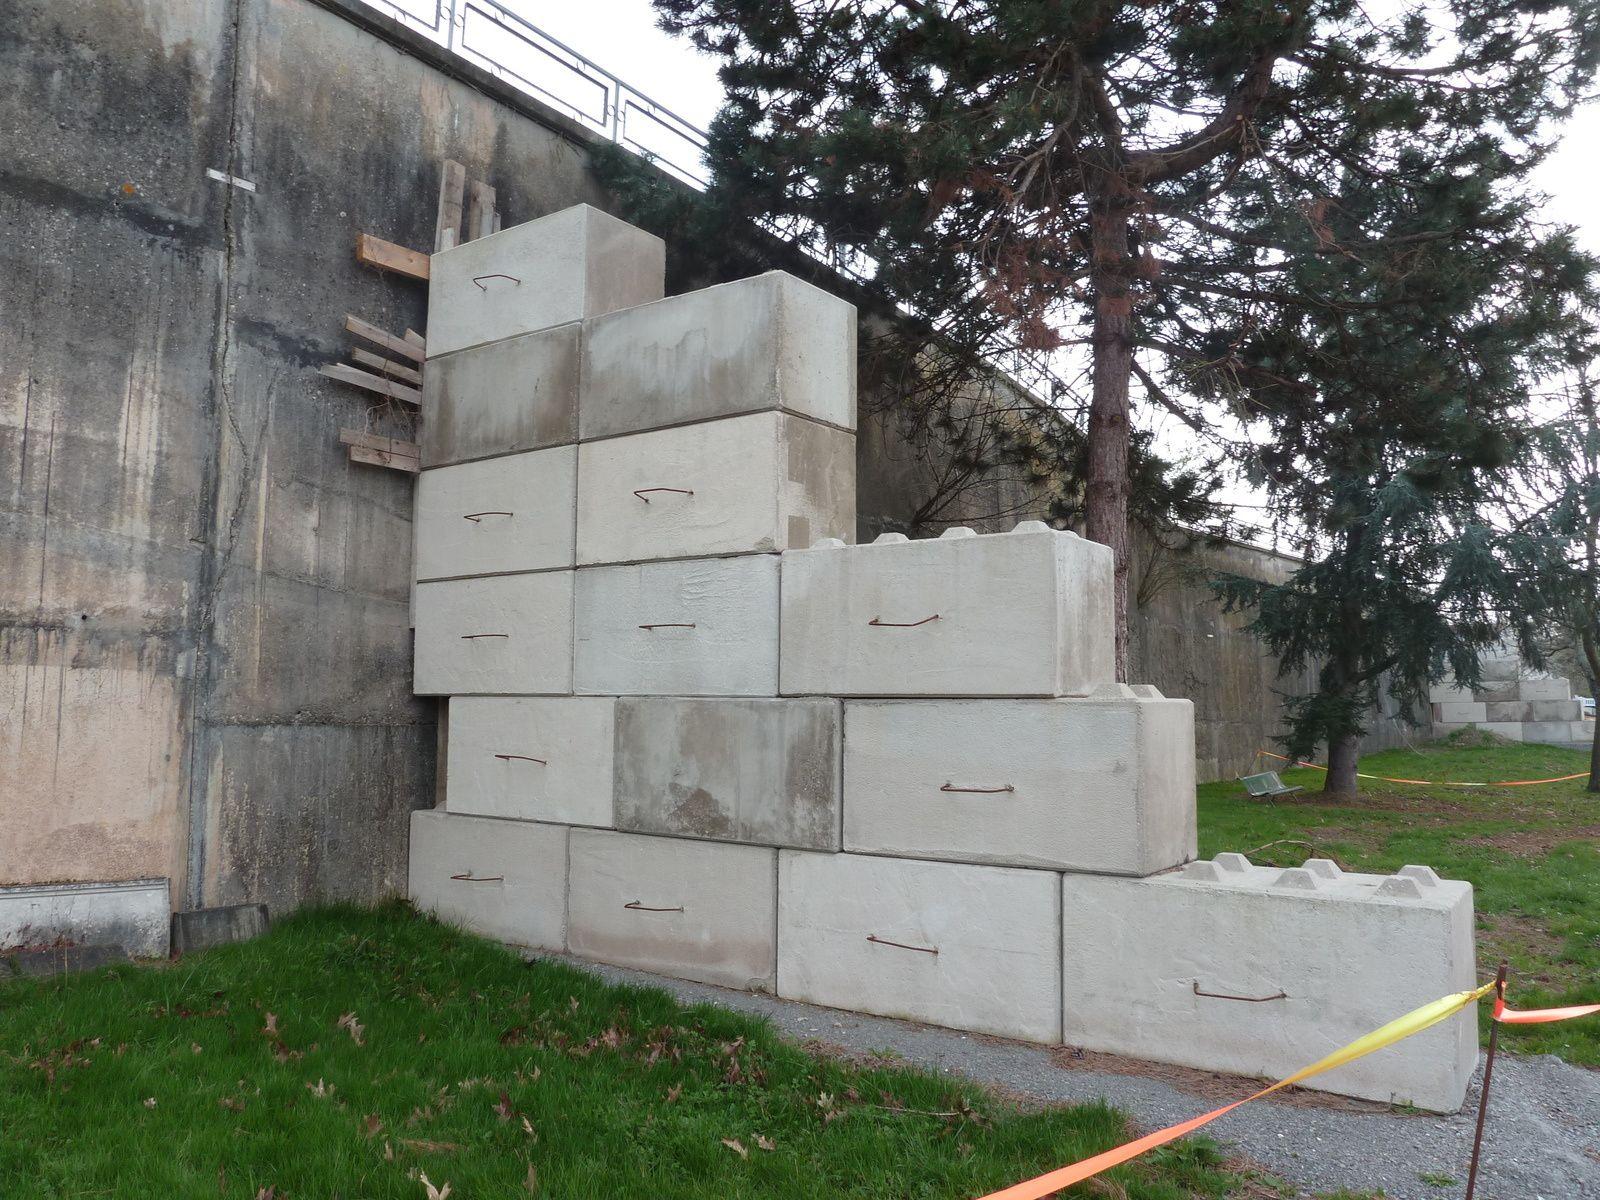 Le mur de soutènement du stade Robert Barran a été refait